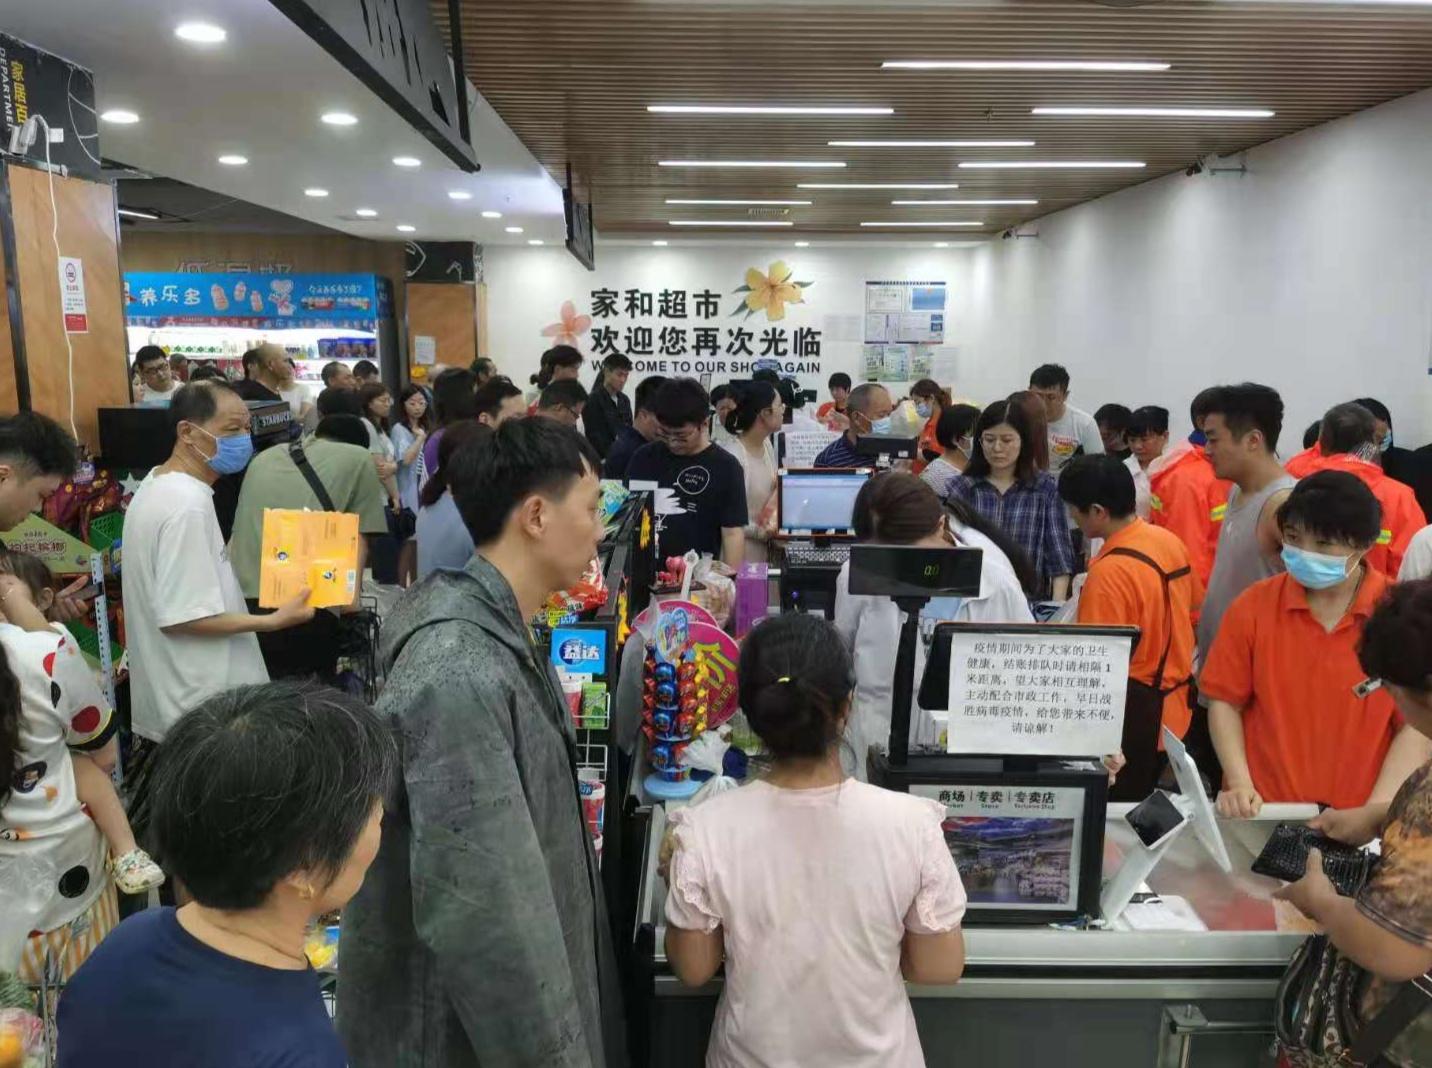 郑州市民称大雨造成网络通讯受限 提醒外出购物备好现金